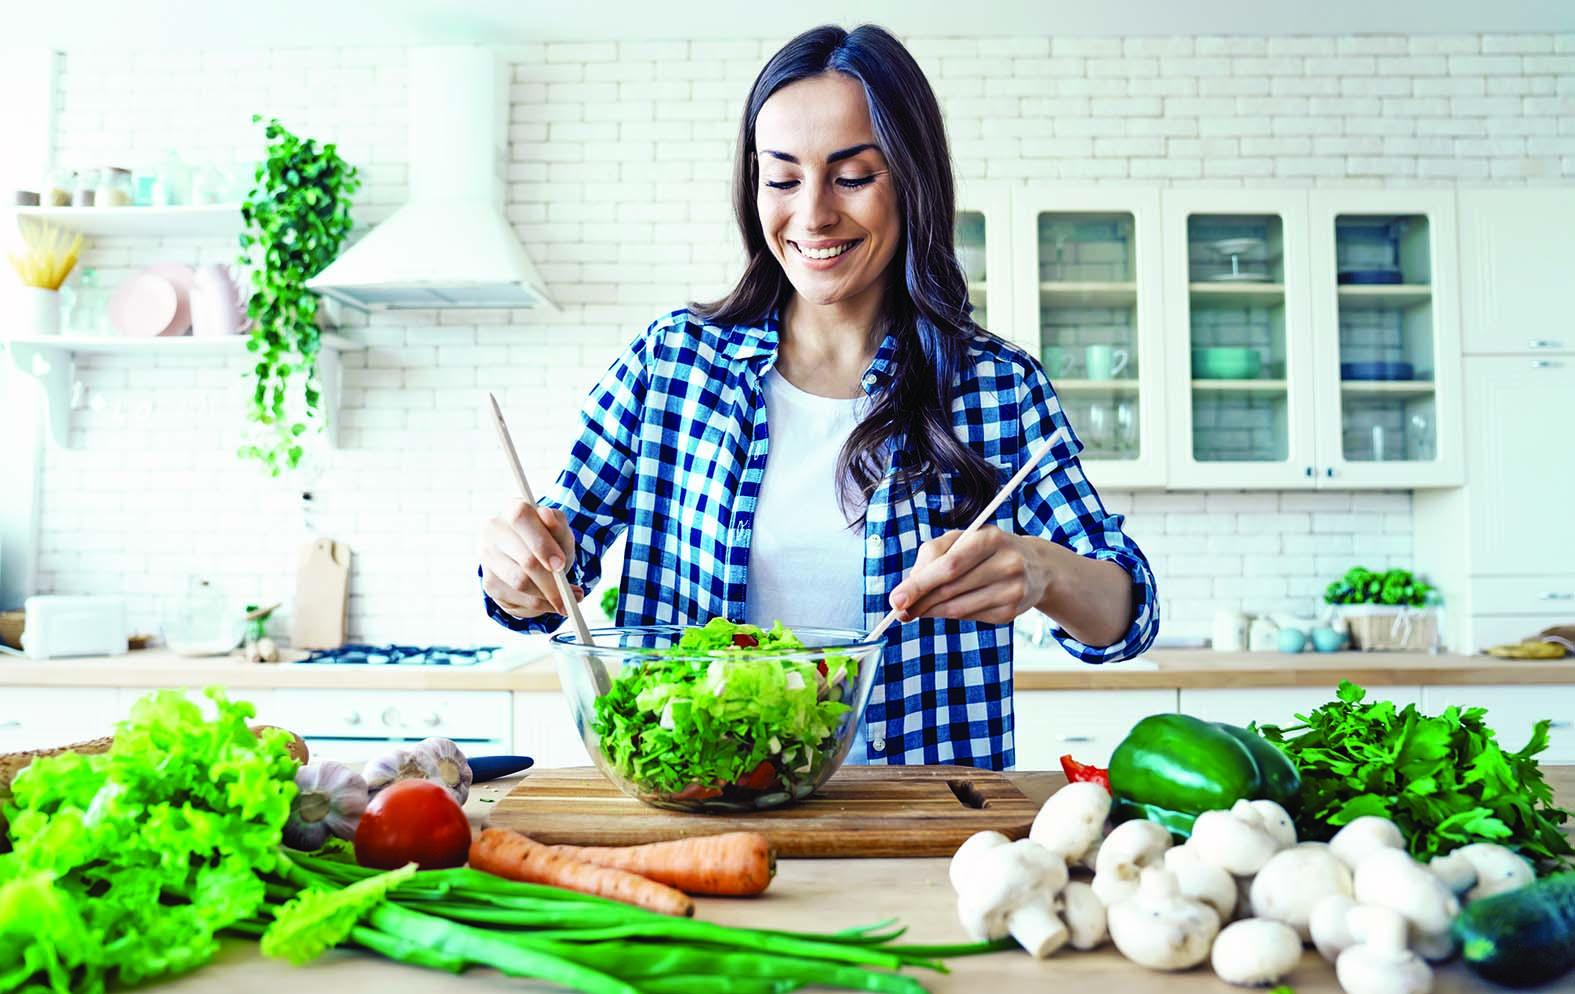 Bitkiler sayesinde sağlıklı yaşlanmak mümkün